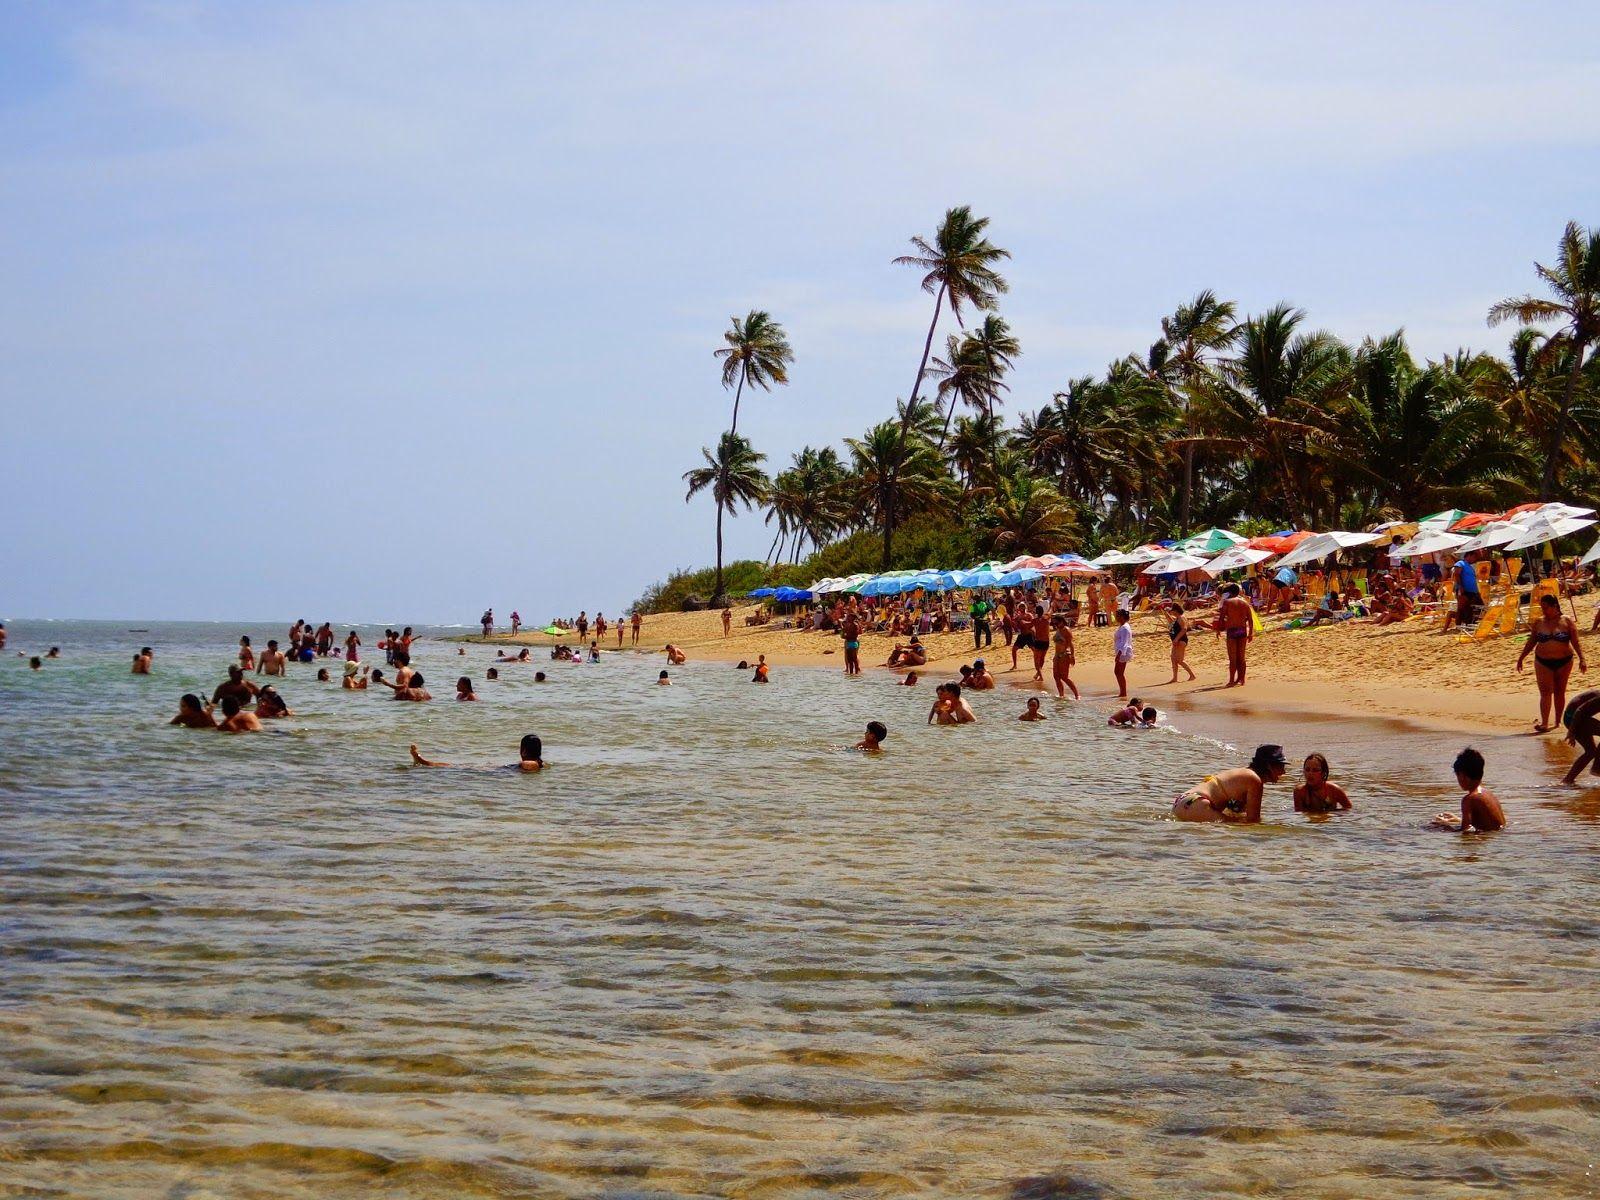 praia do forte http://vanezacomz.blogspot.com.br/2014/11/praia-do-forte-piscinas-naturais-na.html